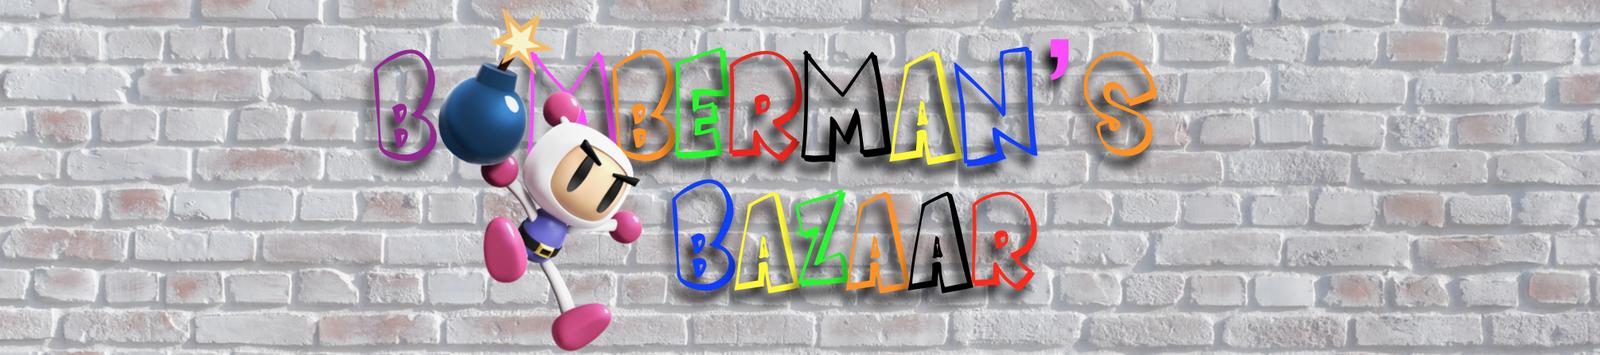 Bomberman's Bazaar